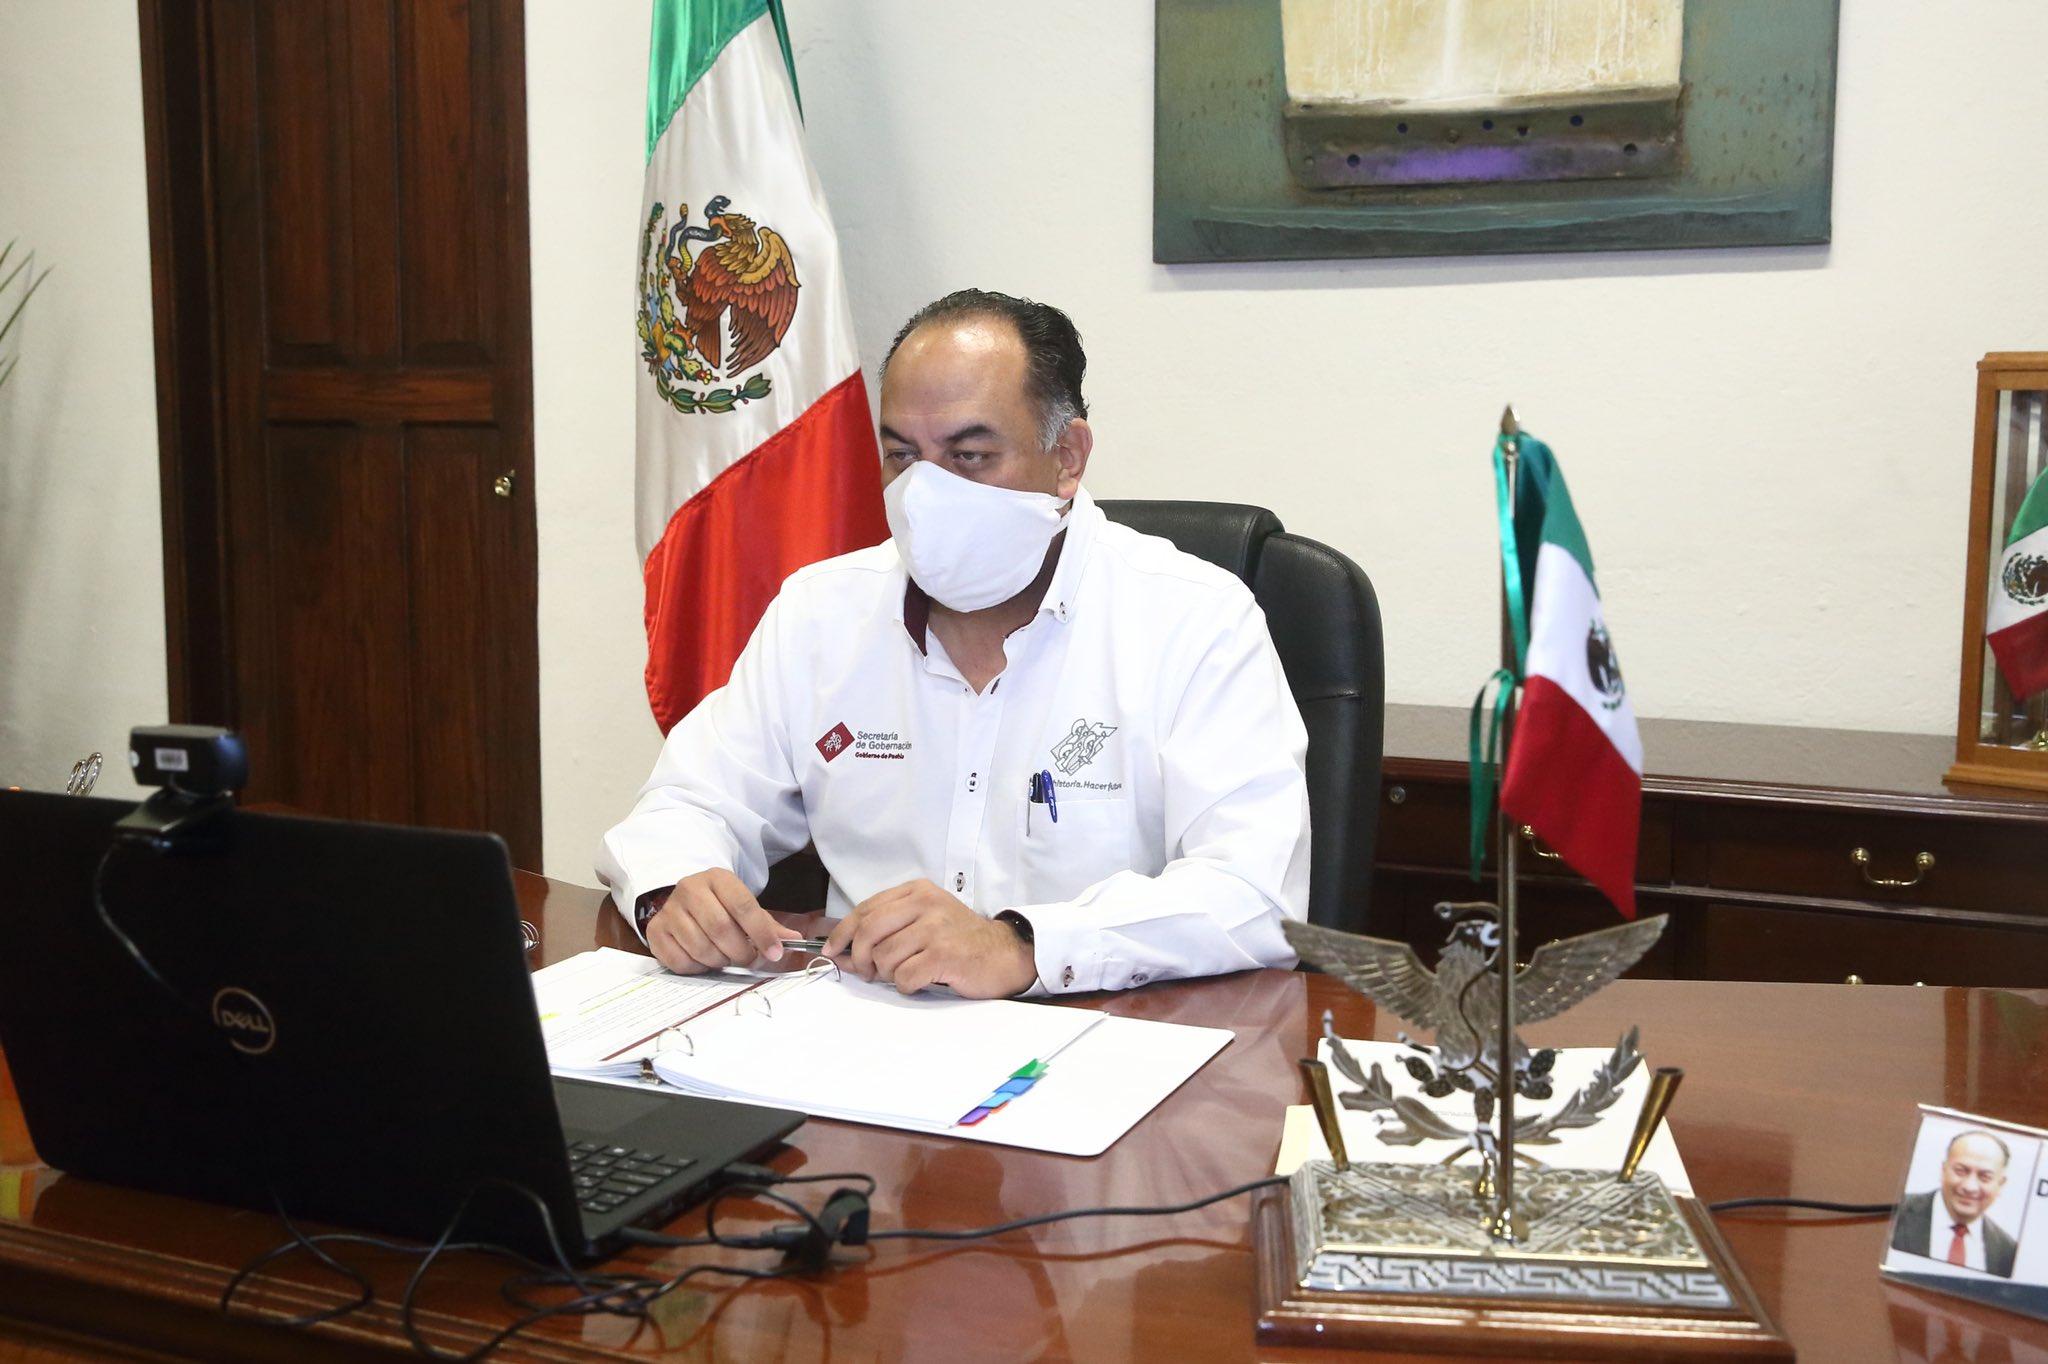 CLAUSURA SEGOB 59 ESTABLECIMIENTOS POR INCUMPLIR MEDIDAS DE PREVENCIÓN DE COVID-19